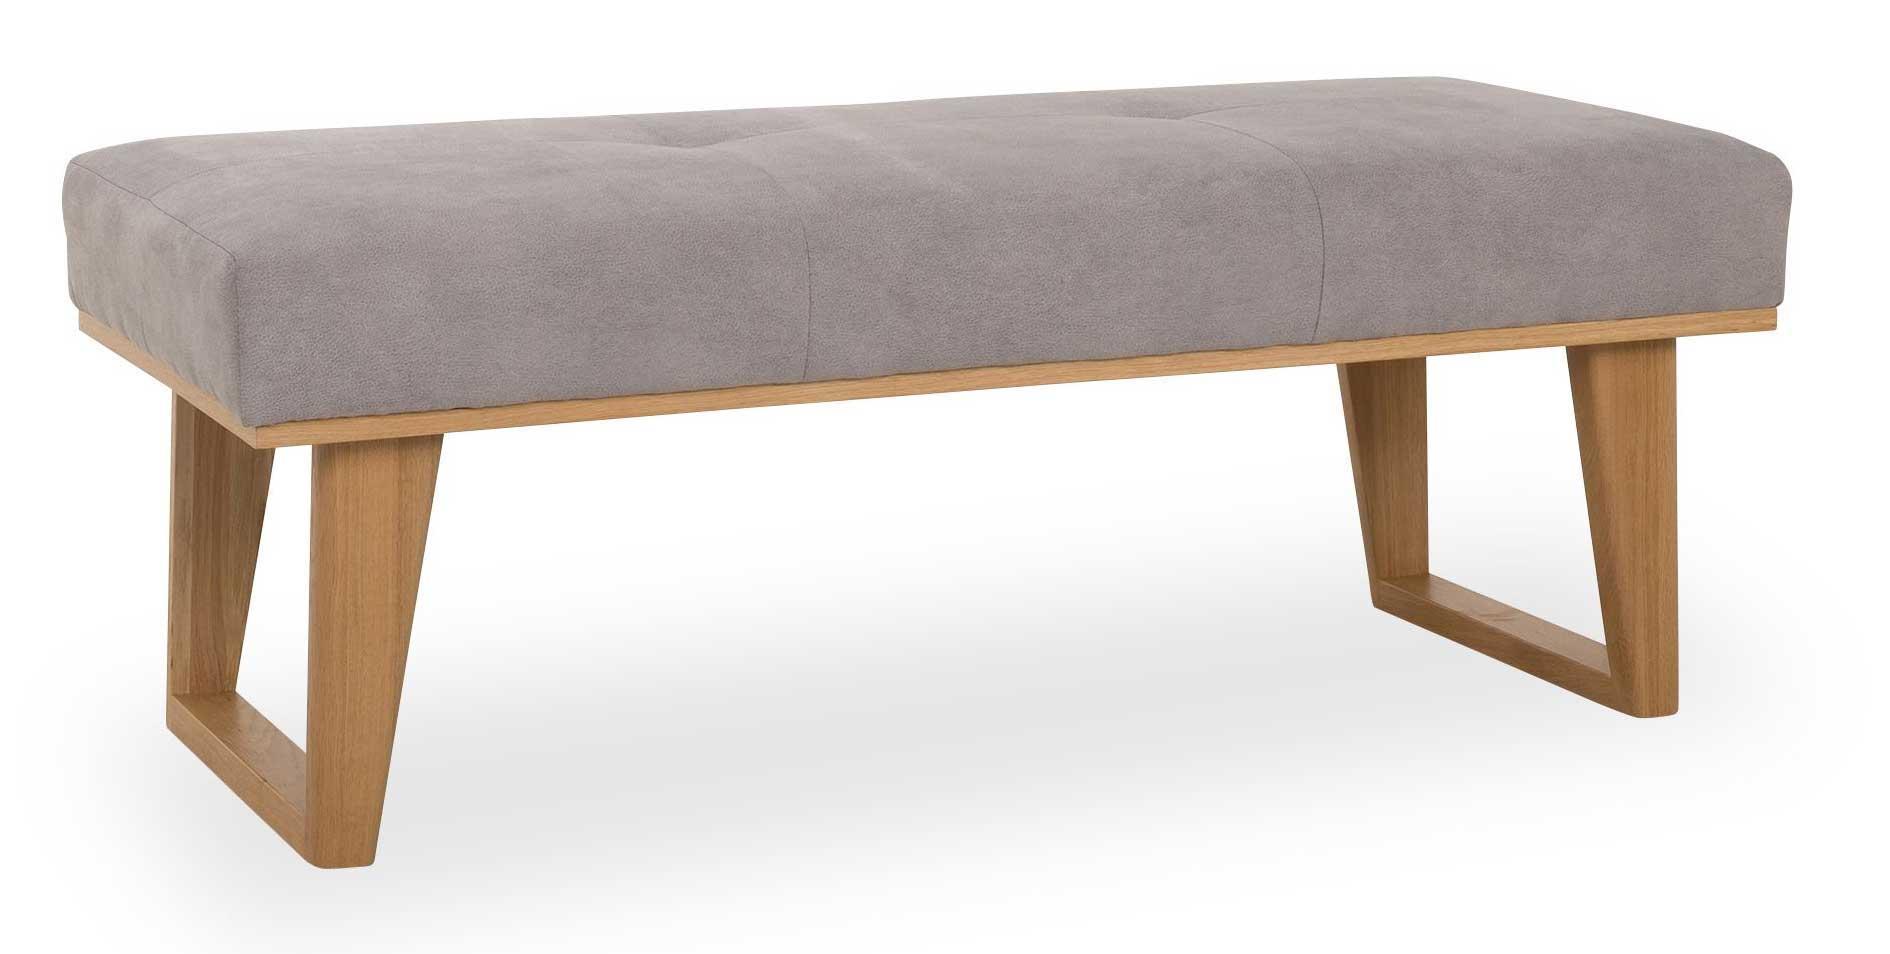 Standard Furniture Colmar Landhaus Polsterbank mit eiche Gestell silbergrau